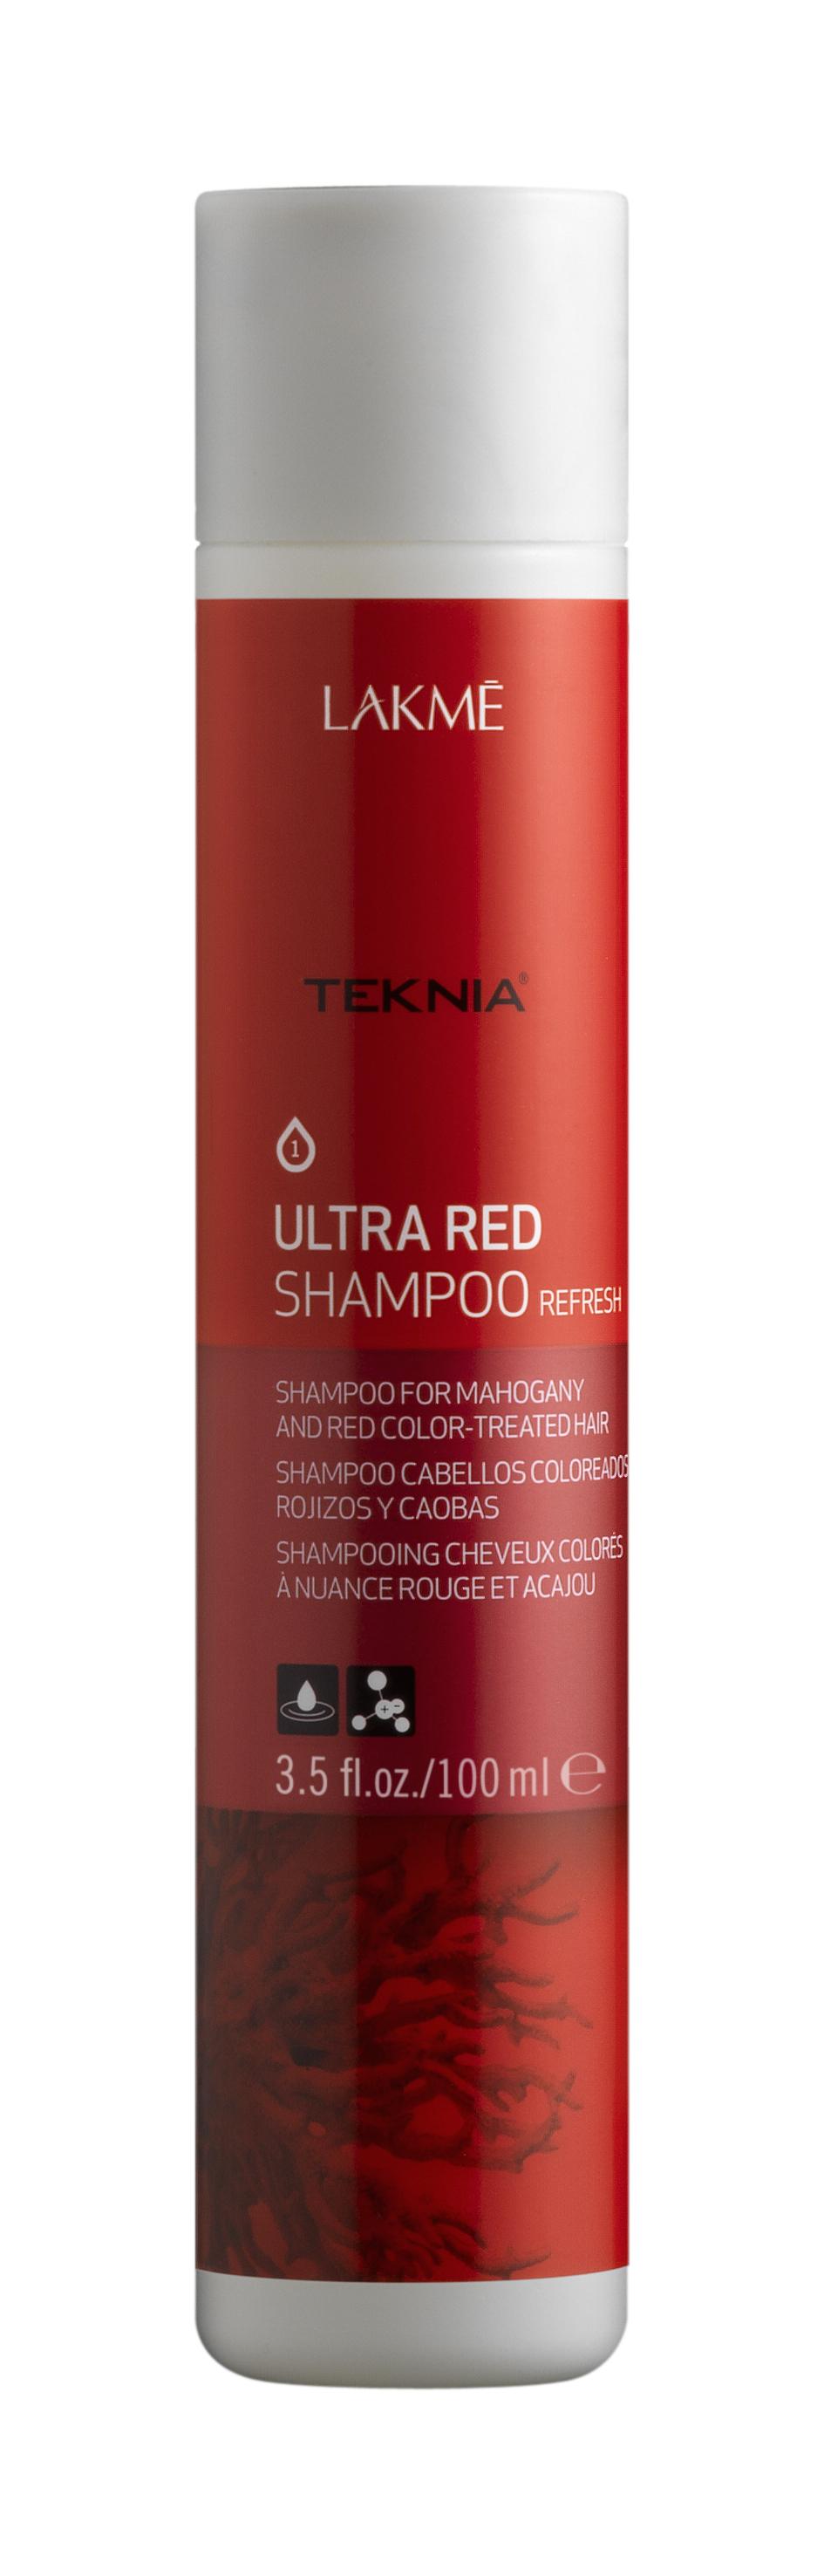 Купить LAKME Шампунь для поддержания оттенка окрашенных волос, красный / ULTRA RED SHAMPOO 100 мл